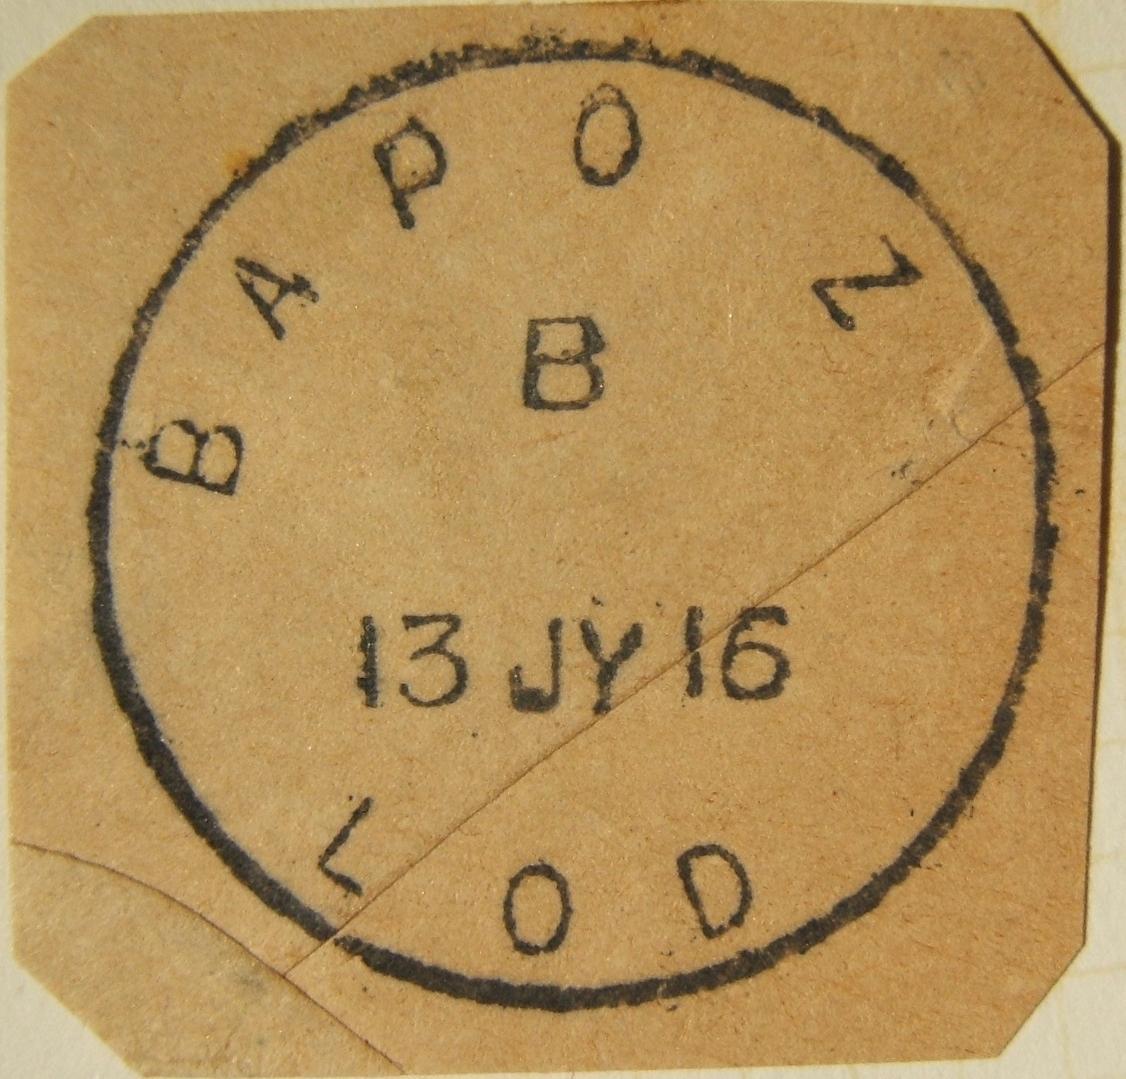 7/1916 WWI Egypt البريد البريطاني العسكري أقرب بريد إلكتروني معروف BAPO Z LOD ، على قطع